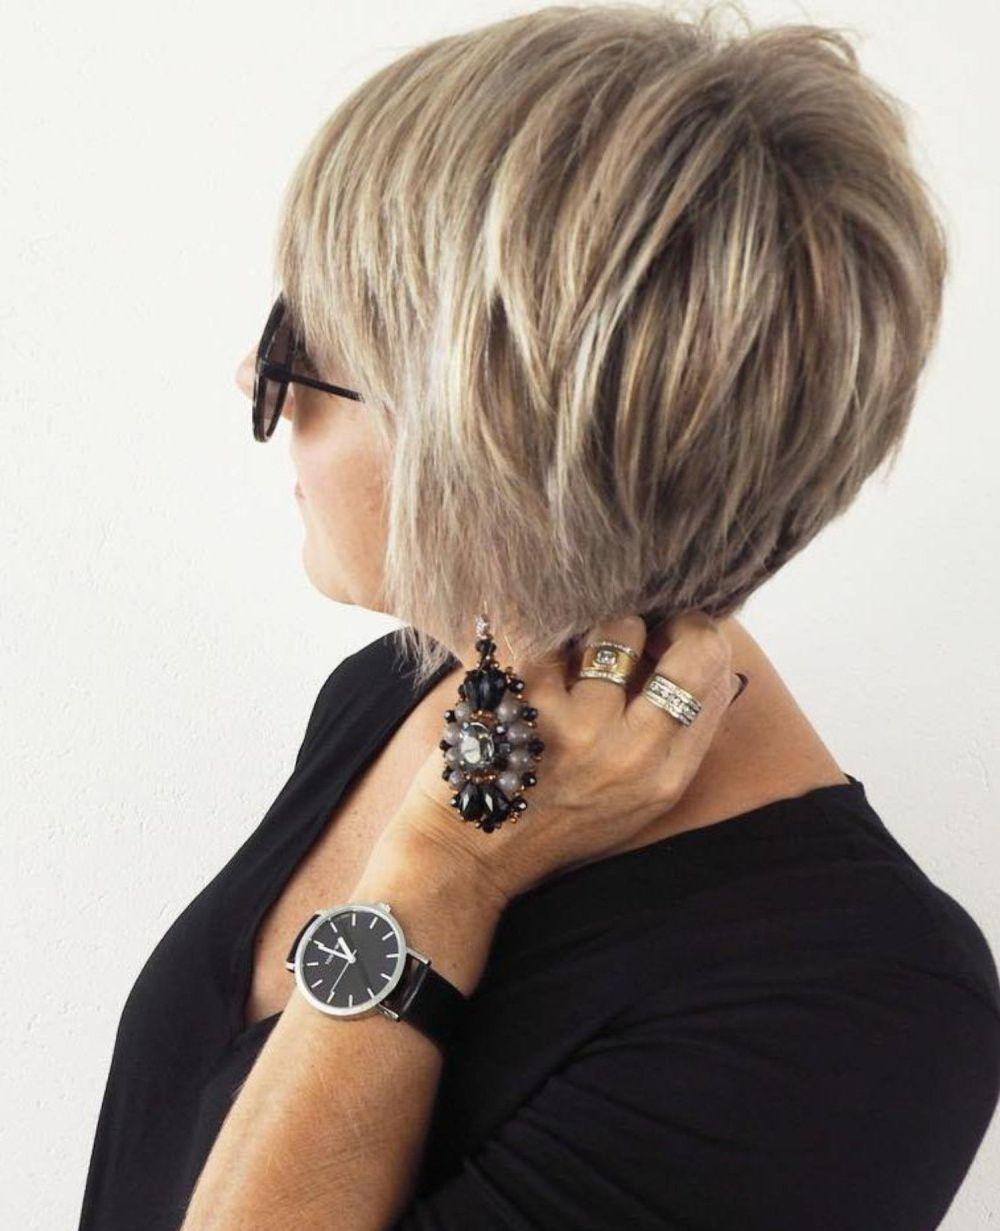 Short Hairstyles For Women Over 50 Simple And Classy Hairiz Haarschnitt Kurzhaarfrisuren Haarschnitt Kurz